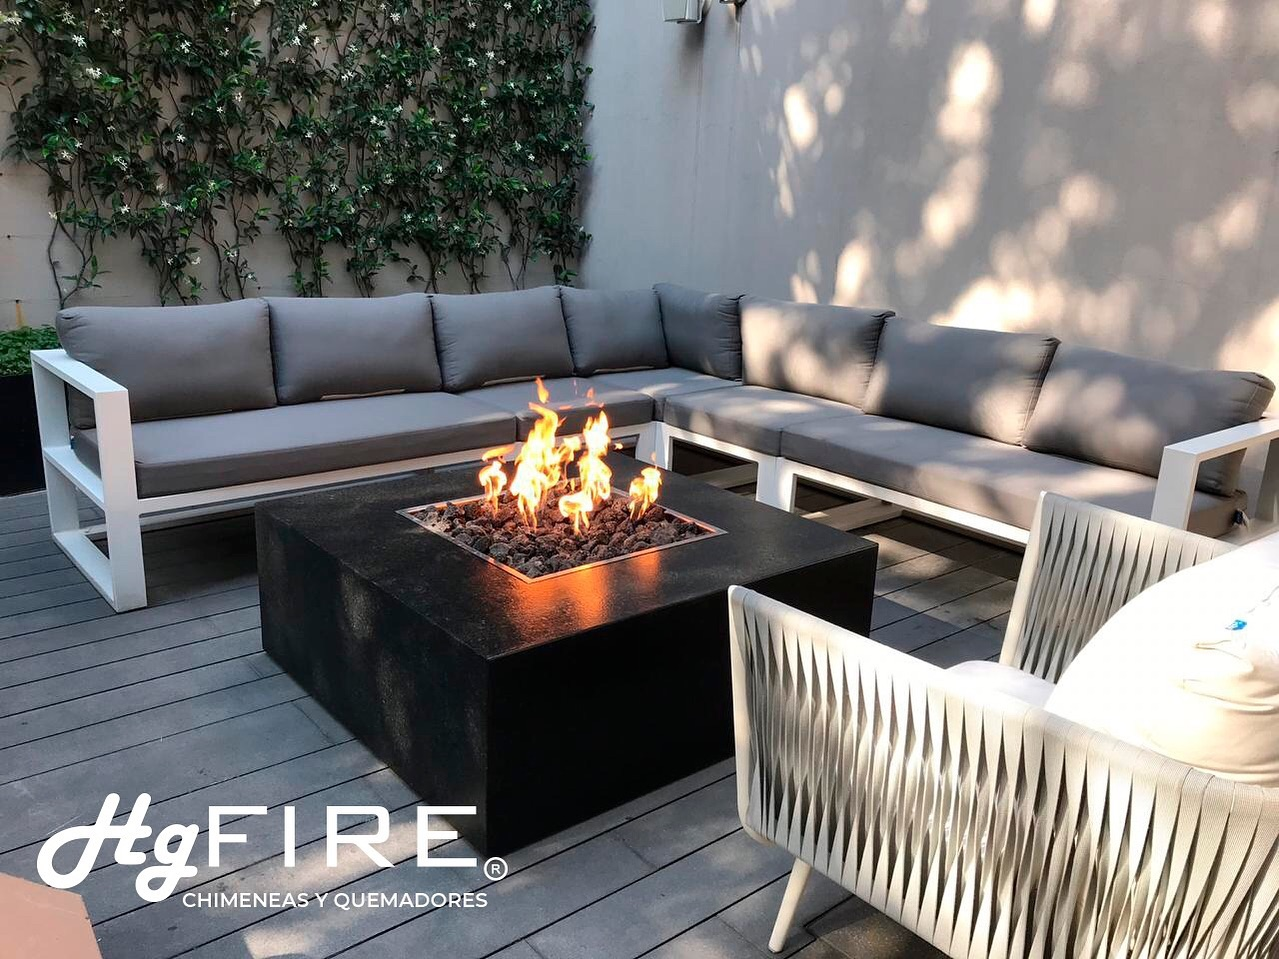 No importa qué no haga FRÍO! Las chimeneas en Terrazas ambientarán tu velada. . . . . . #firepit #fireplace #terraza #deck #chimenea #chimeneas